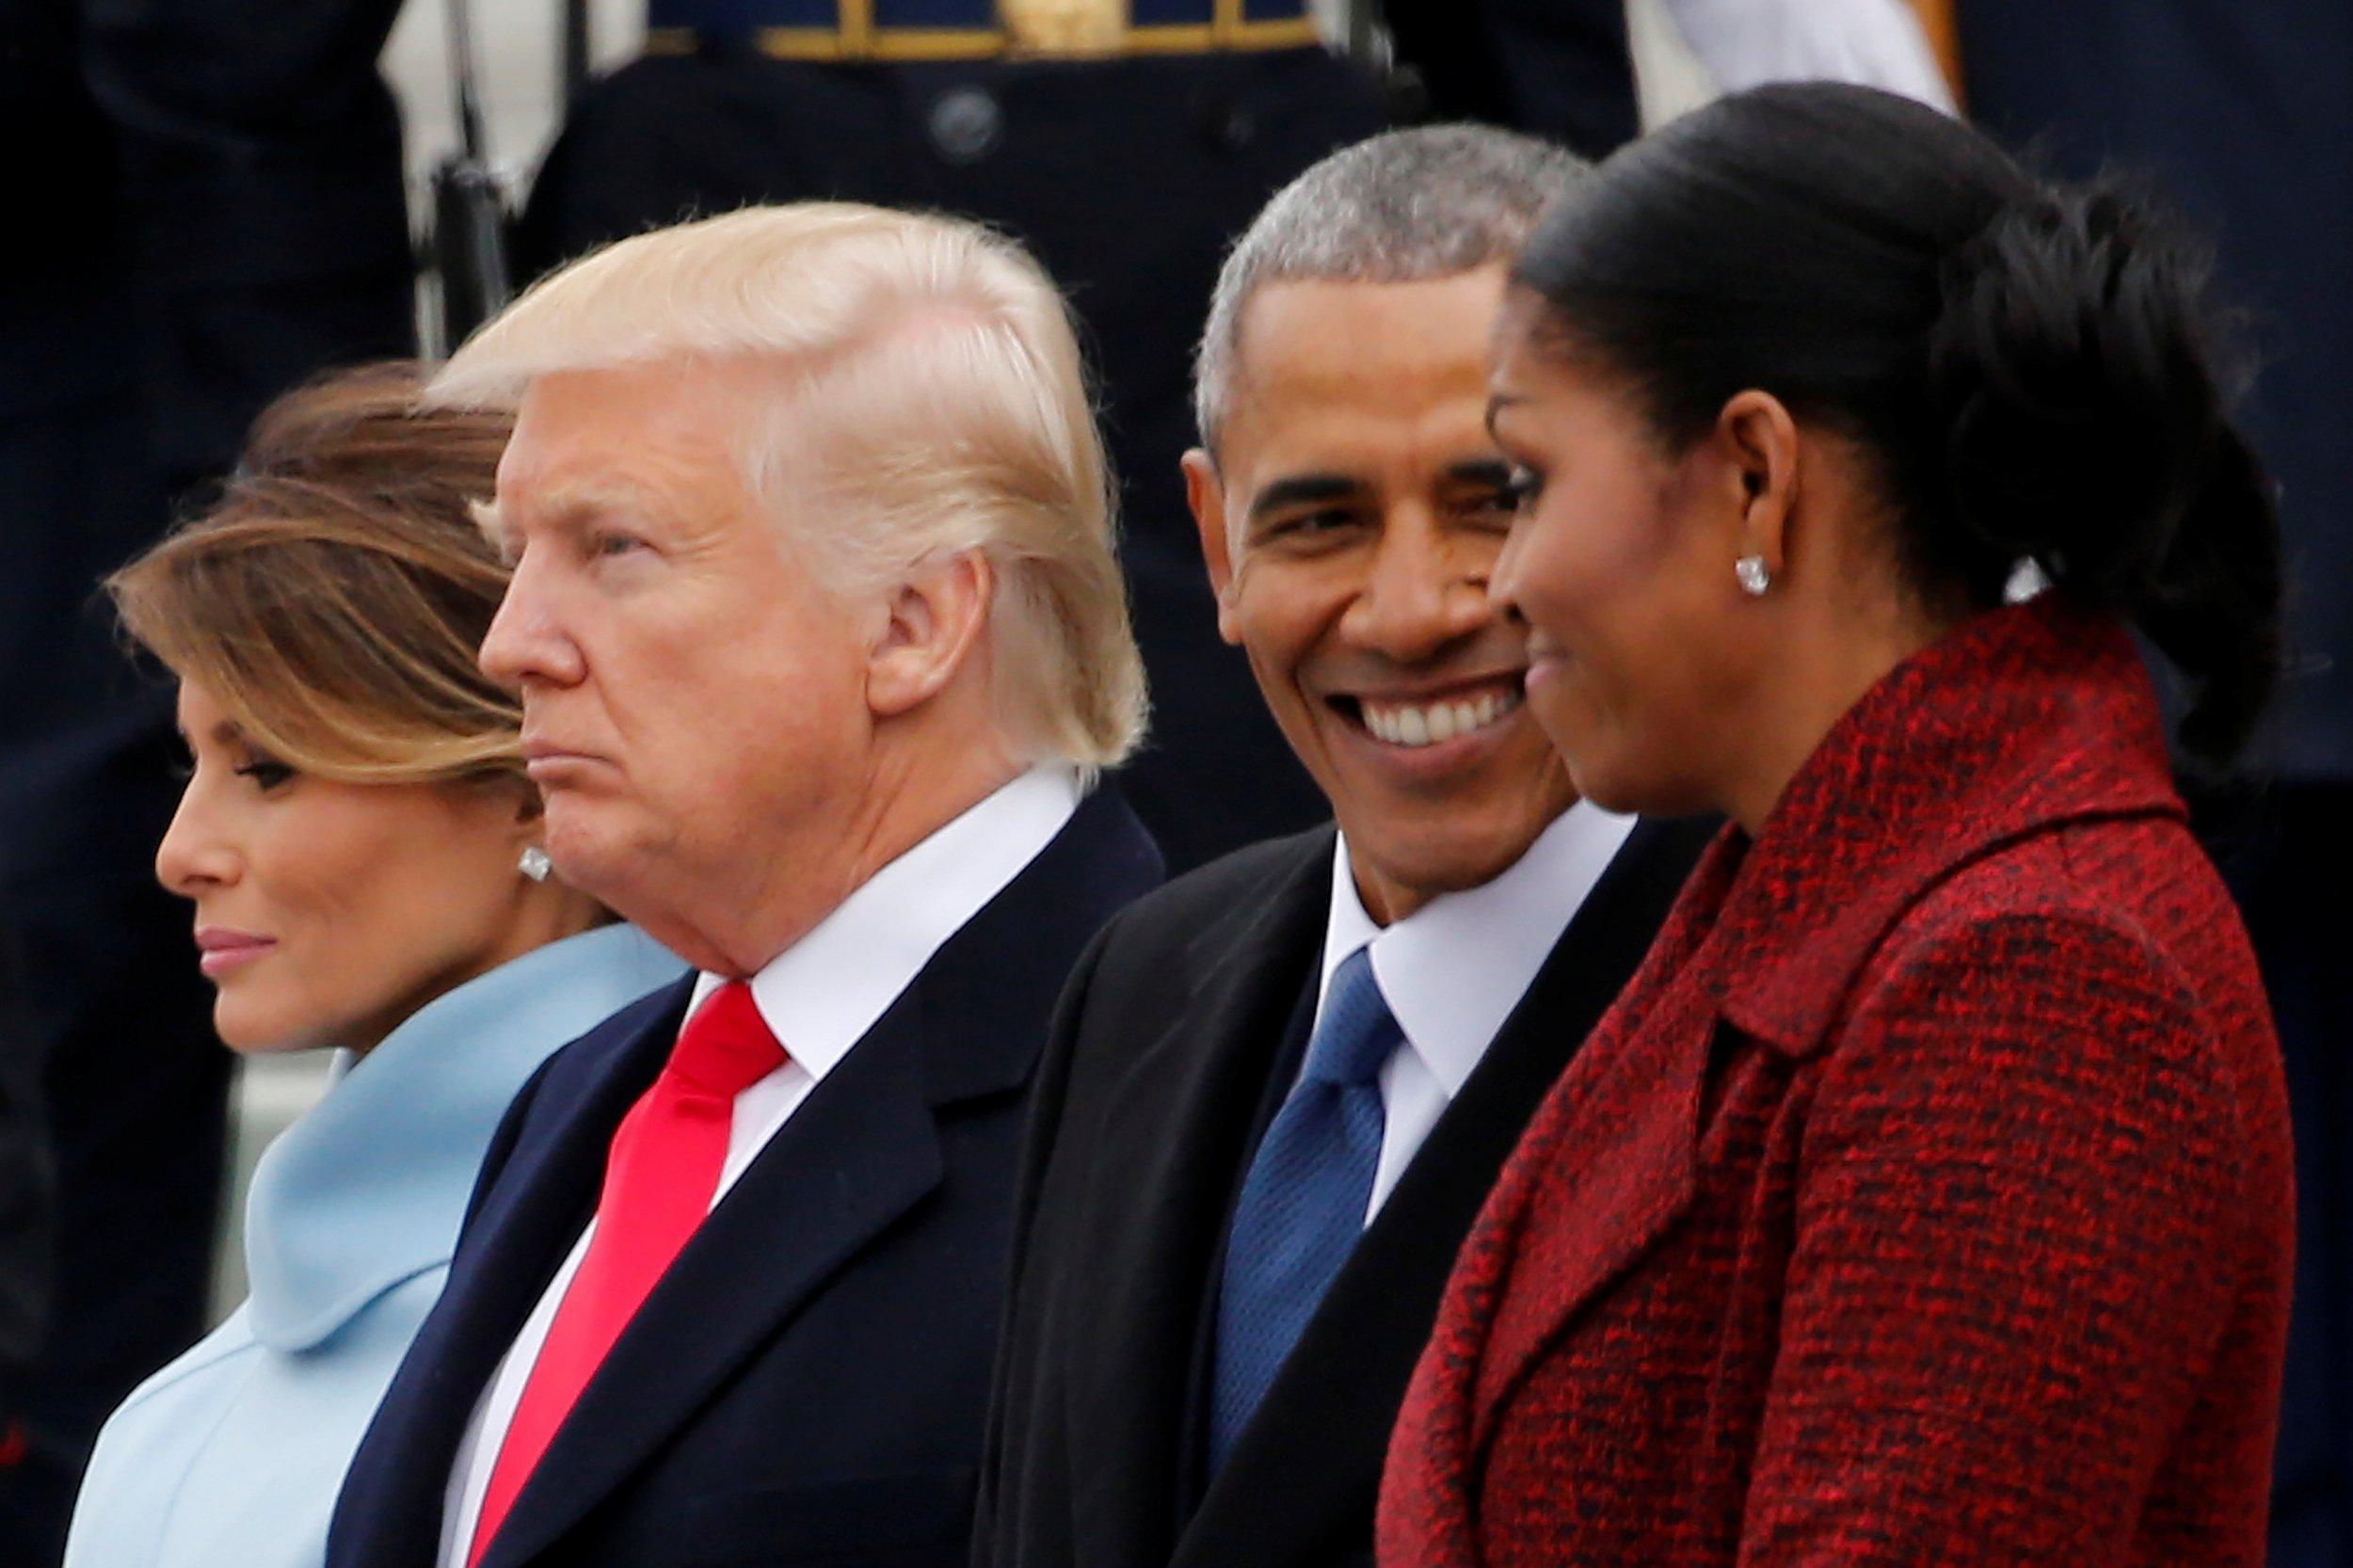 Obamas Trumps